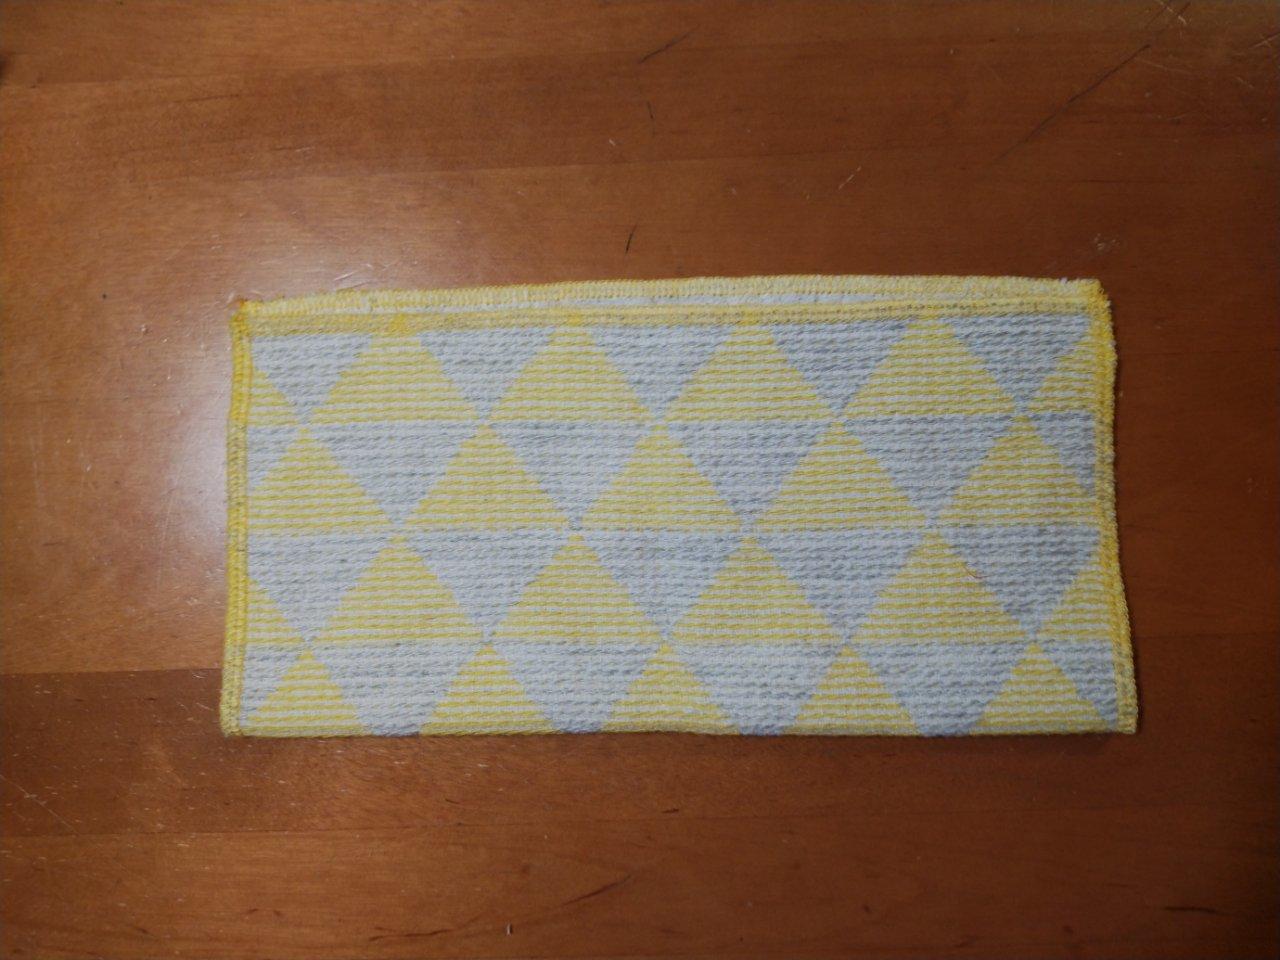 お薦め!超かんたん手縫いのハンカチマスク_f0255704_22424595.jpg